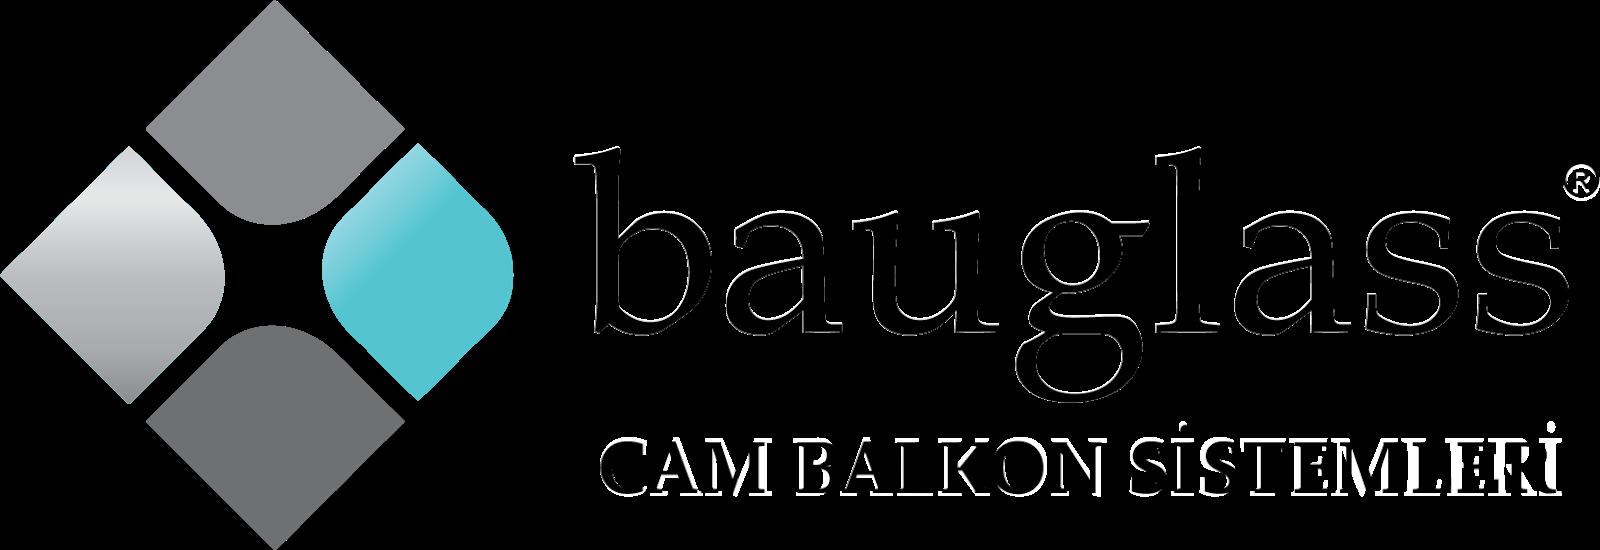 Bauglass - Kış Bahçesi ve Cam Balkon Sistemleri